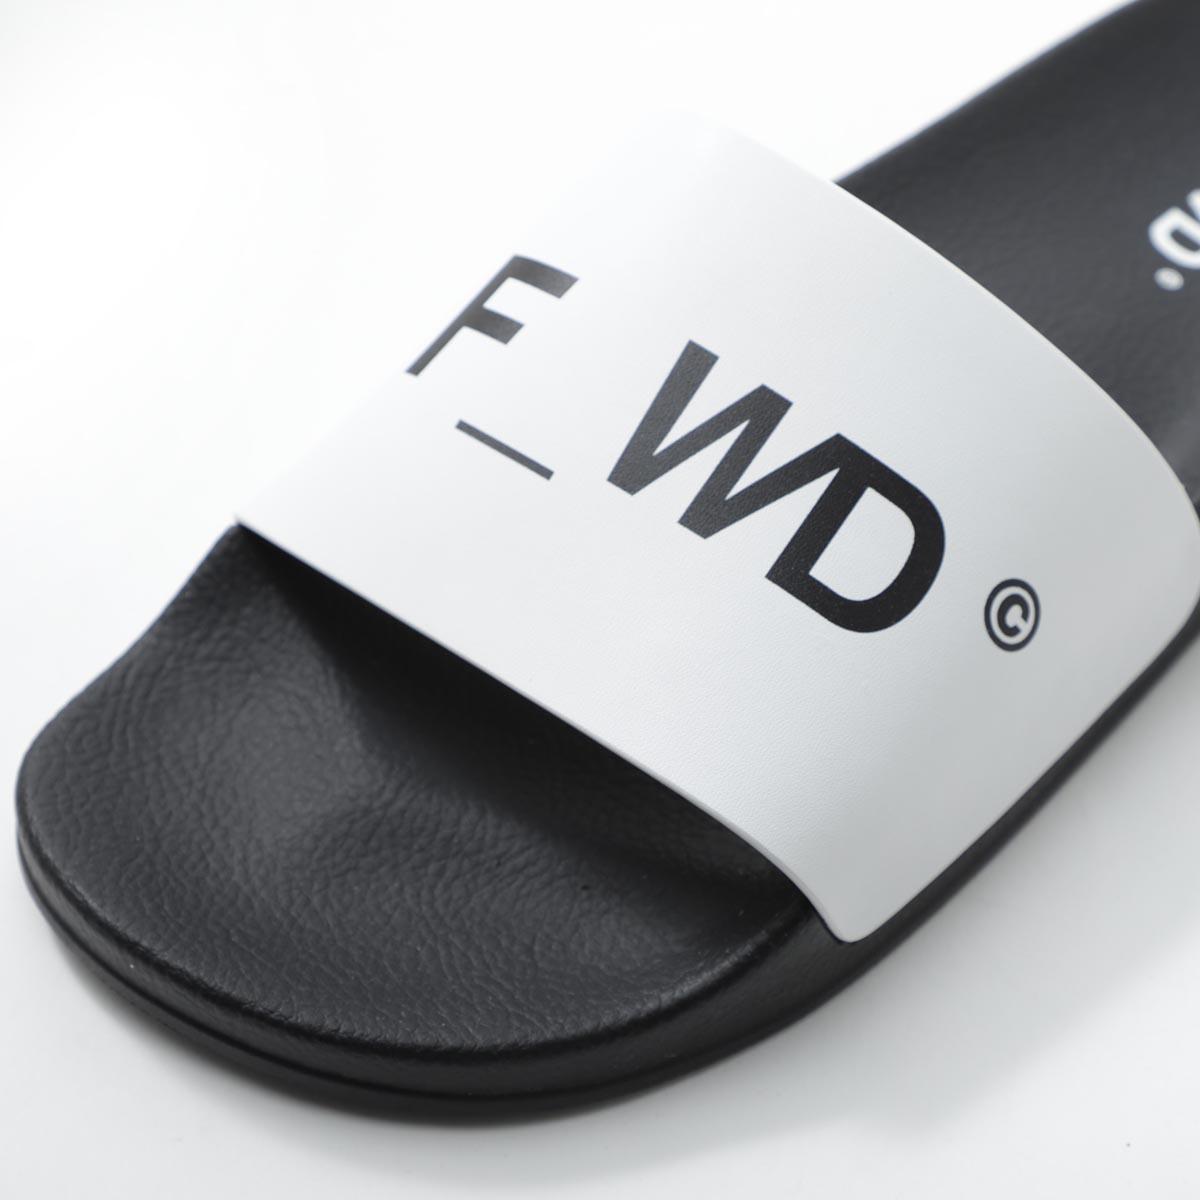 F_WD フォワード サンダル/スライドサンダル/FWS34641A【大きいサイズあり】 メンズ